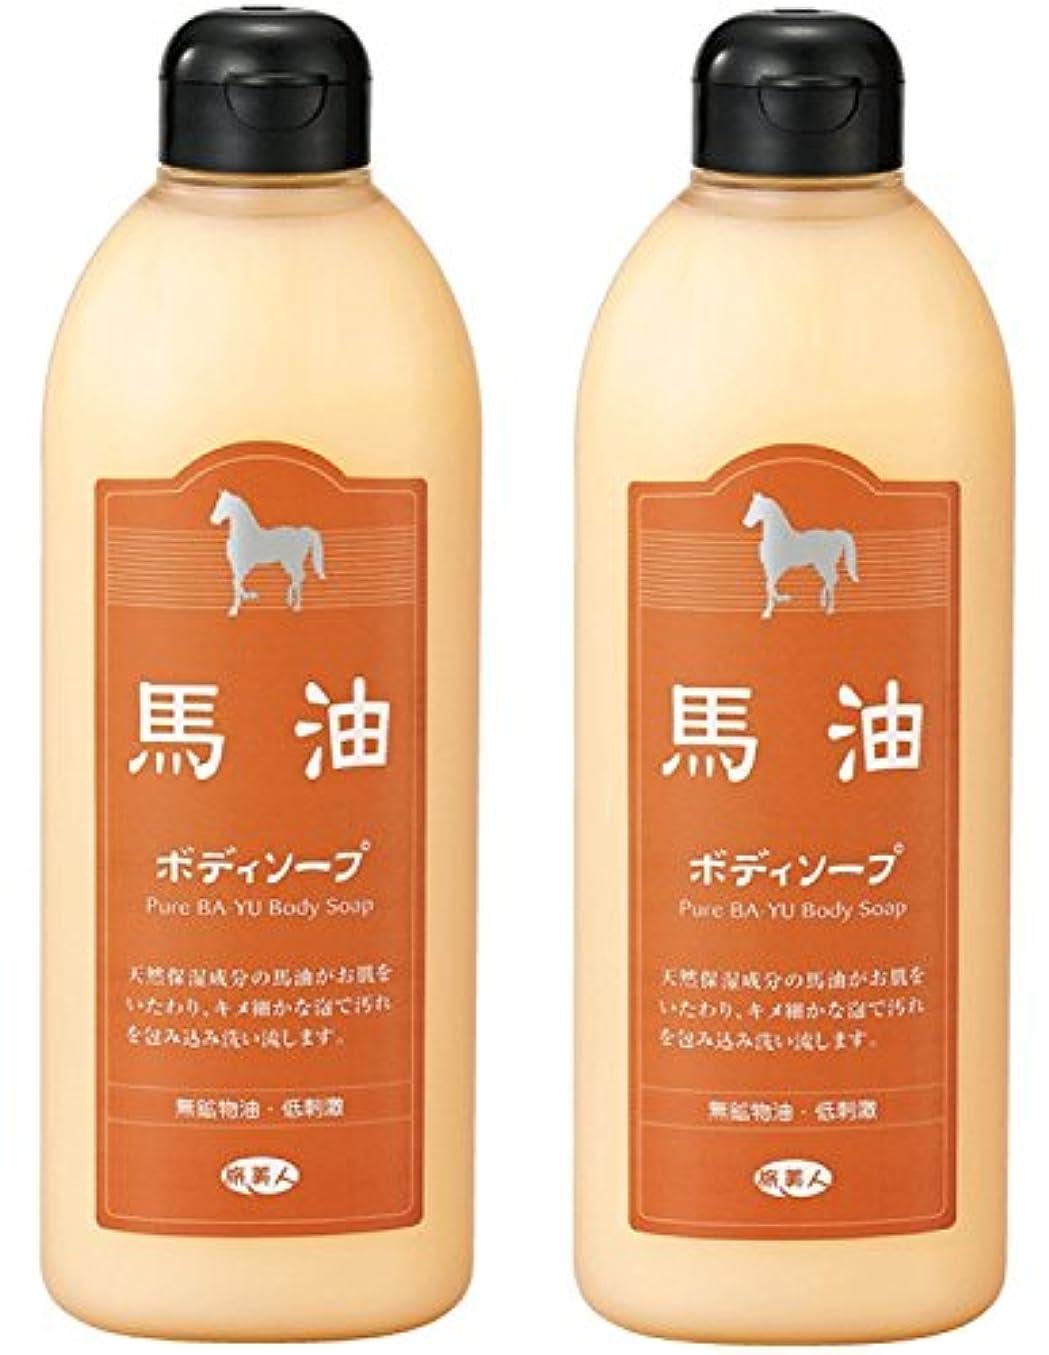 他の日本体宇宙のアズマ商事 の馬油ボディソープ400ml お得な2本セット / 旅美人 乾燥肌に最適